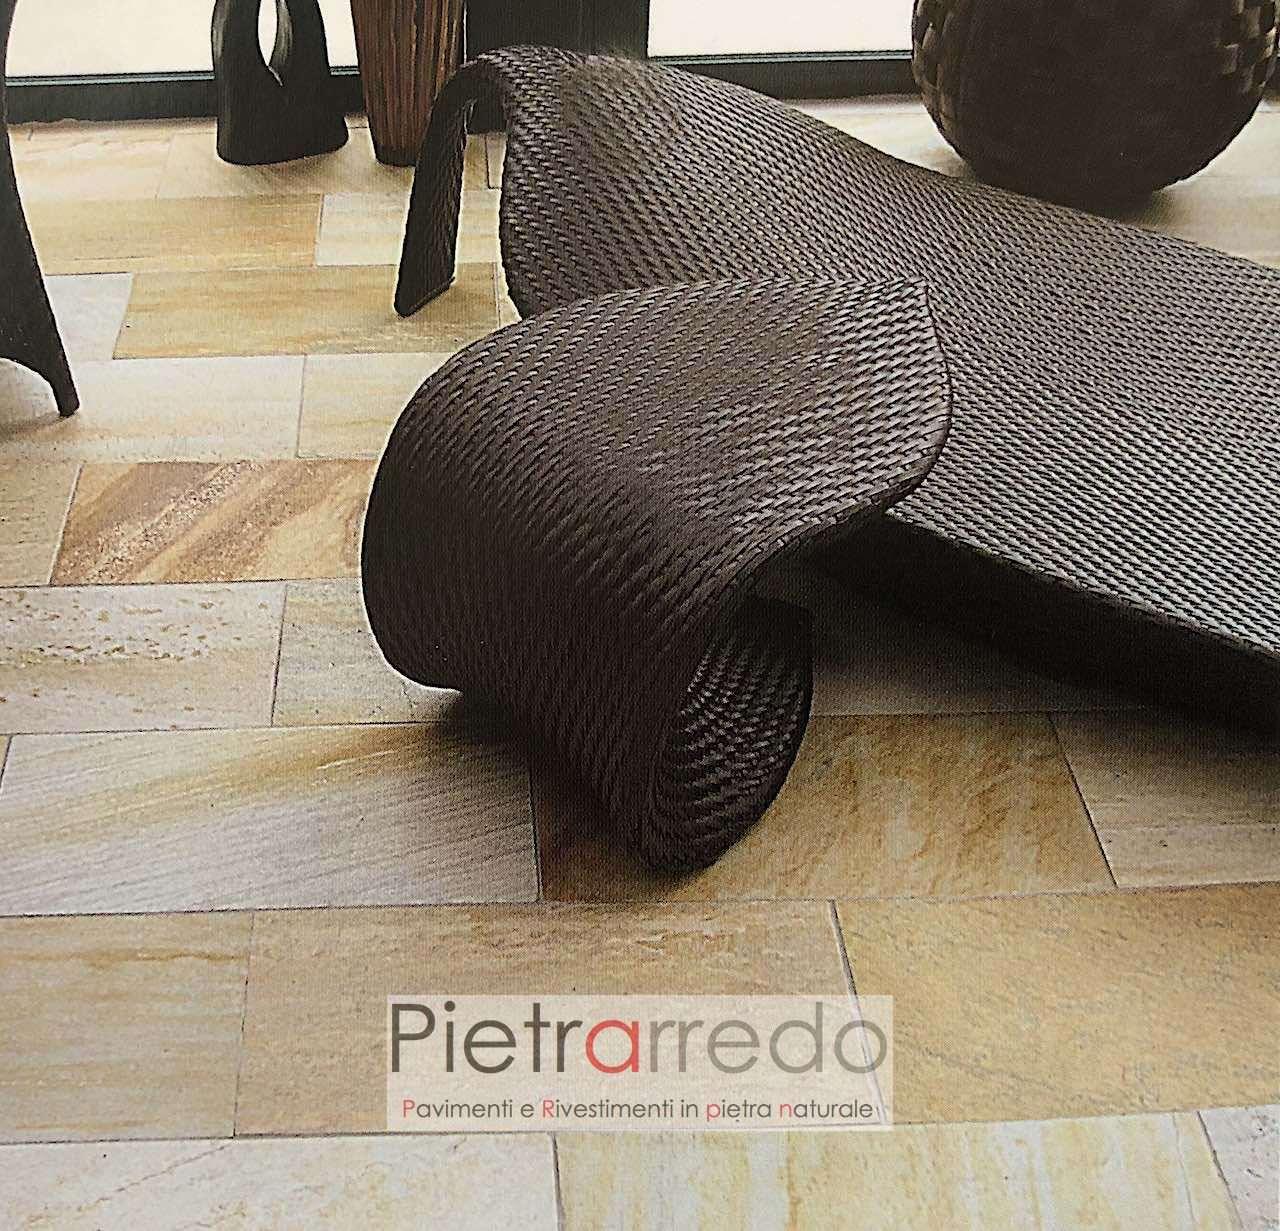 offerta pietra quarzite gialla brasiliana pavimentio eleganti per spa centro benessere terme prezzi pietrarredo milano